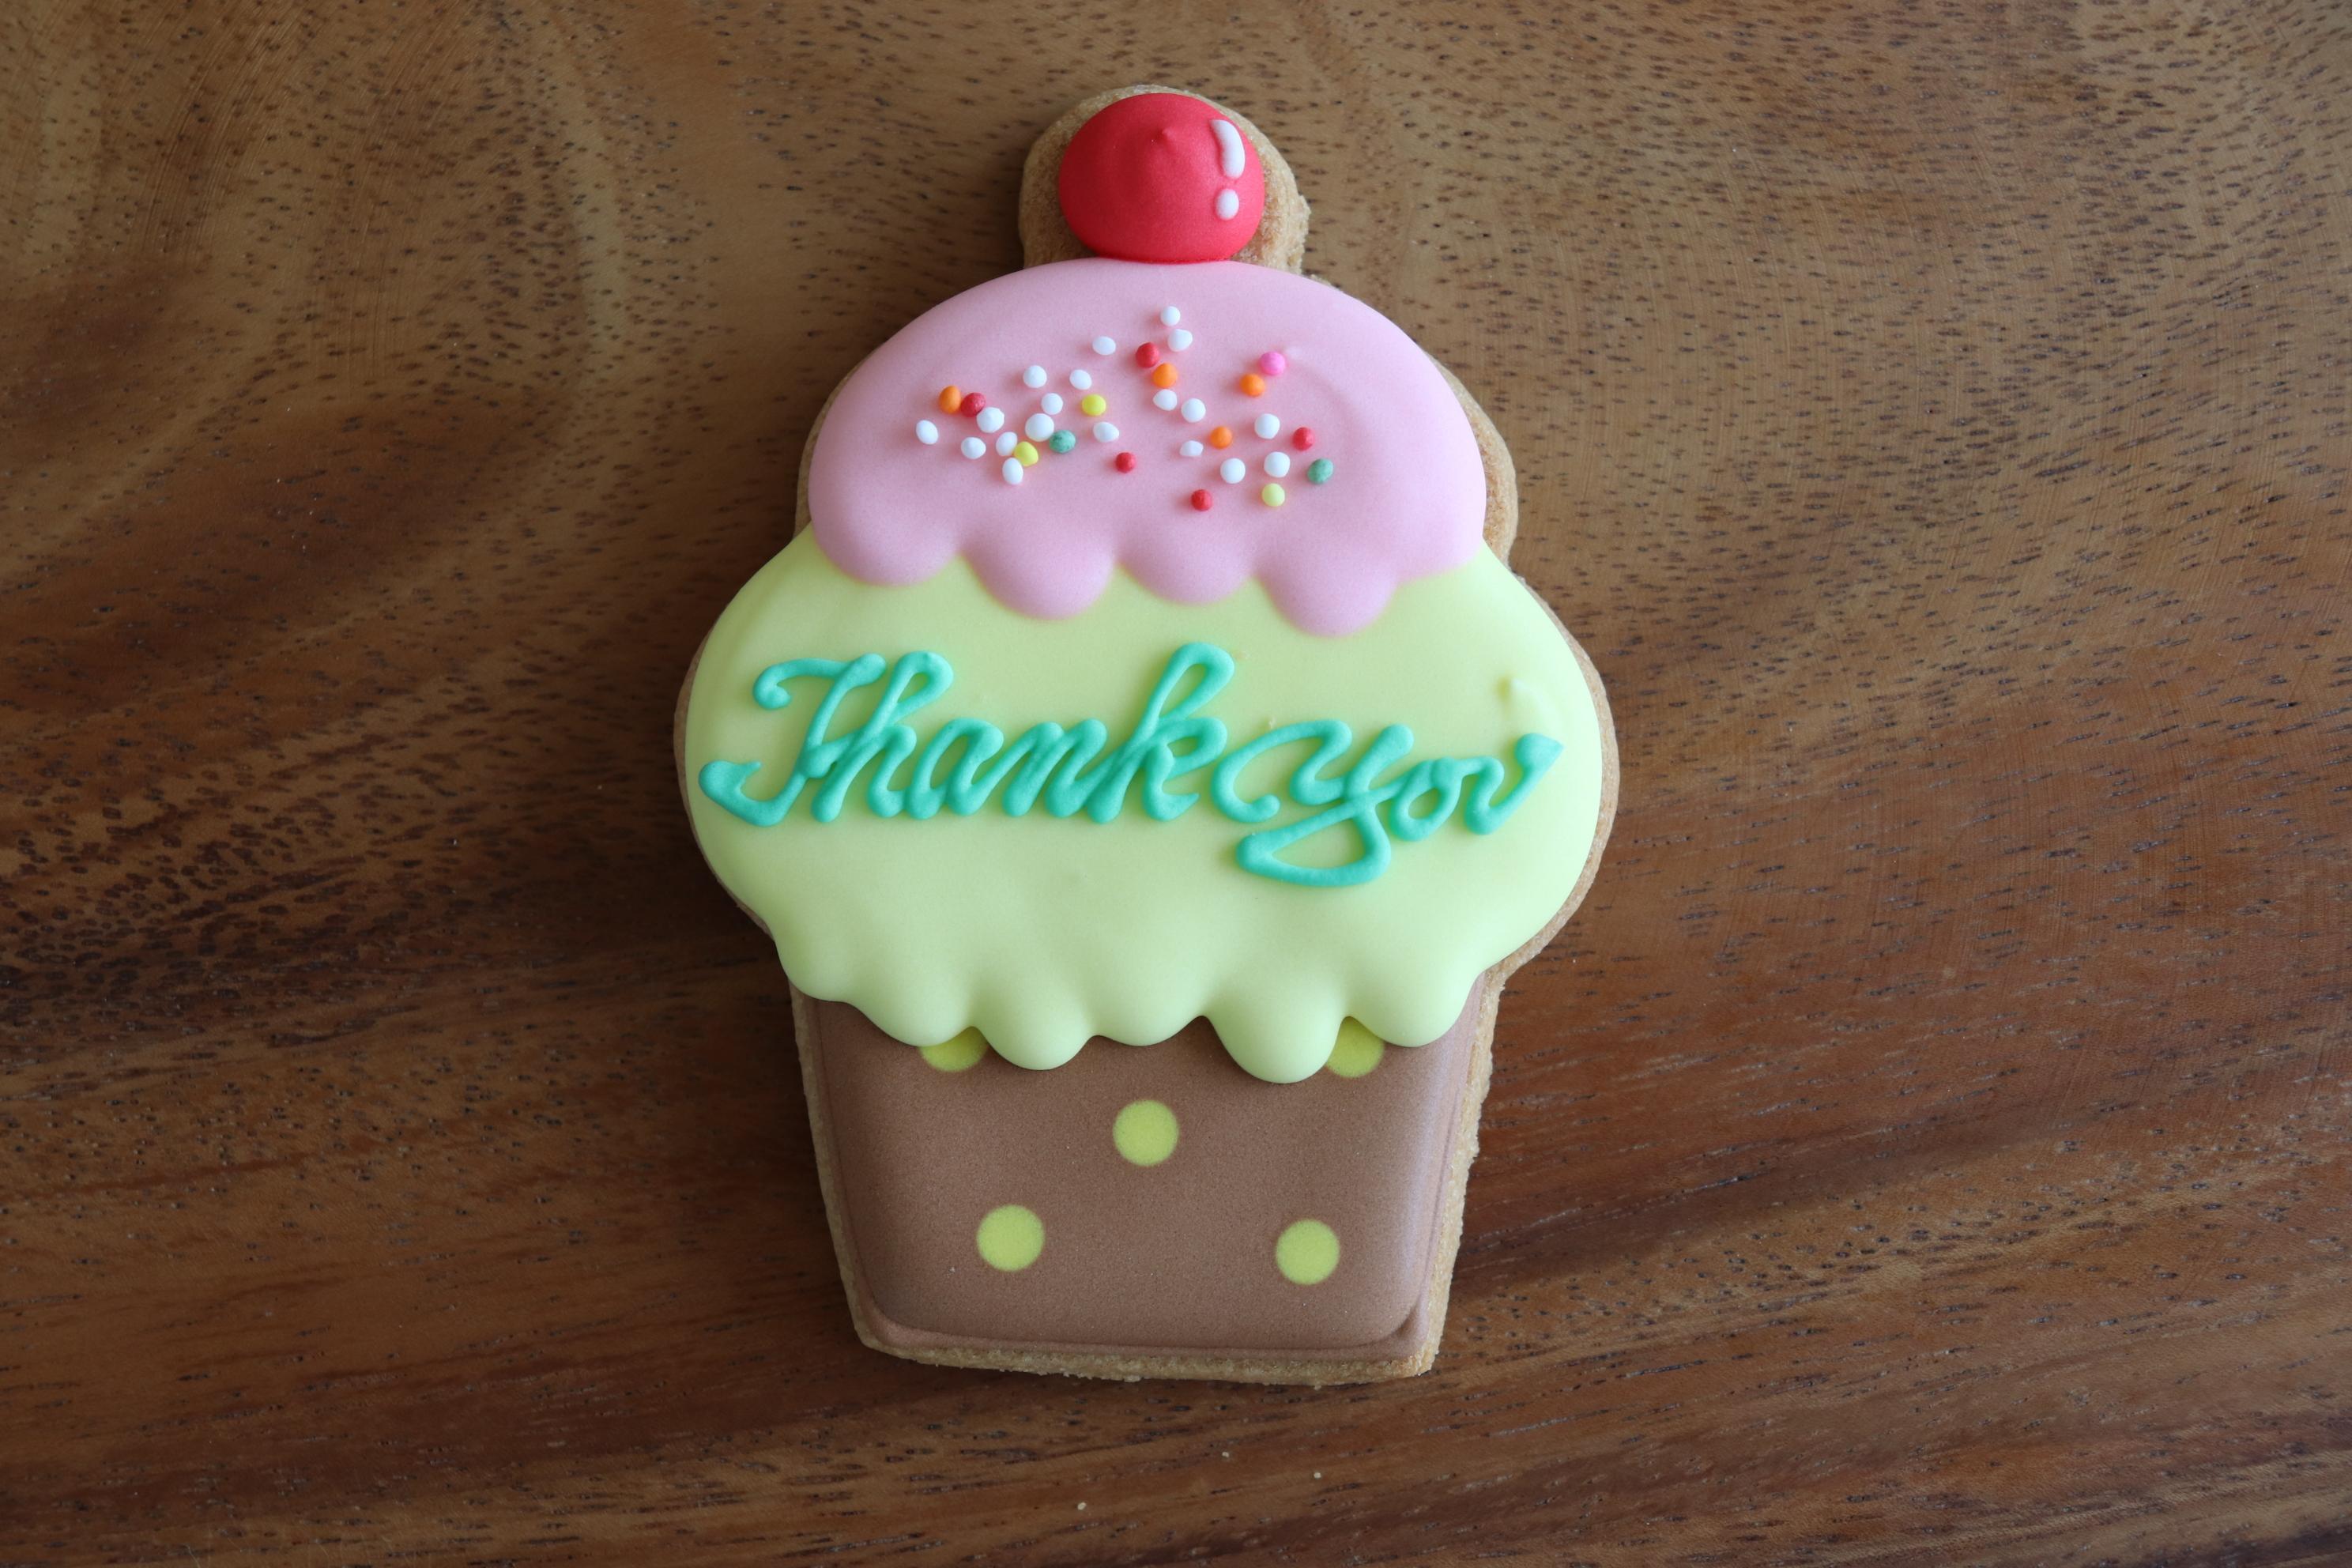 カップケーキ Thank you ドット